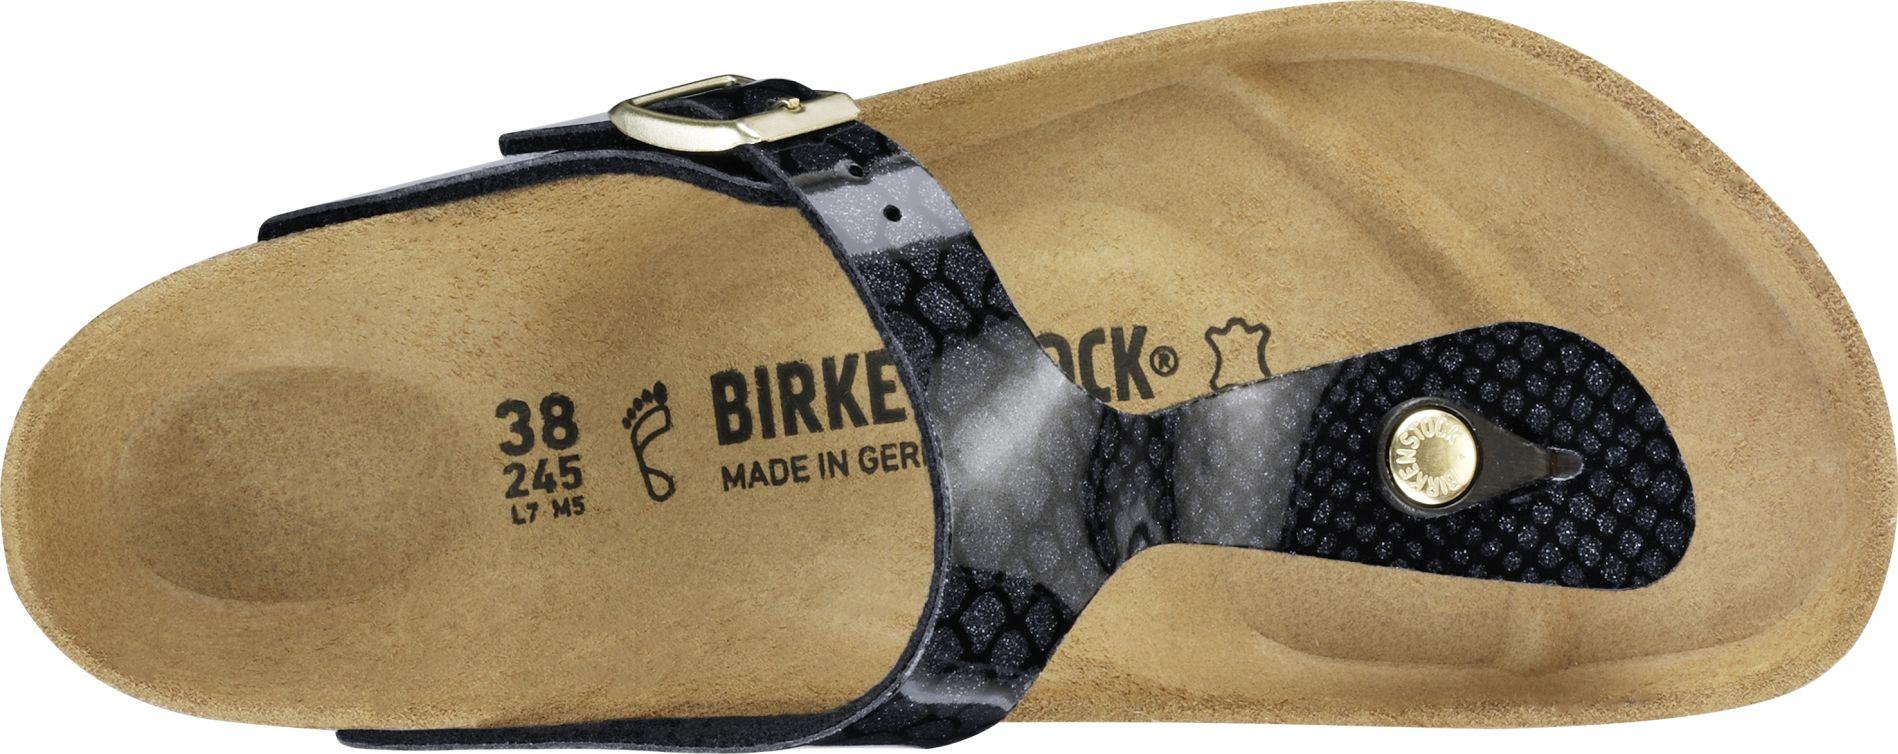 67e3847a8f05 ... Preview  Birkenstock Gizeh Magic Snake Black